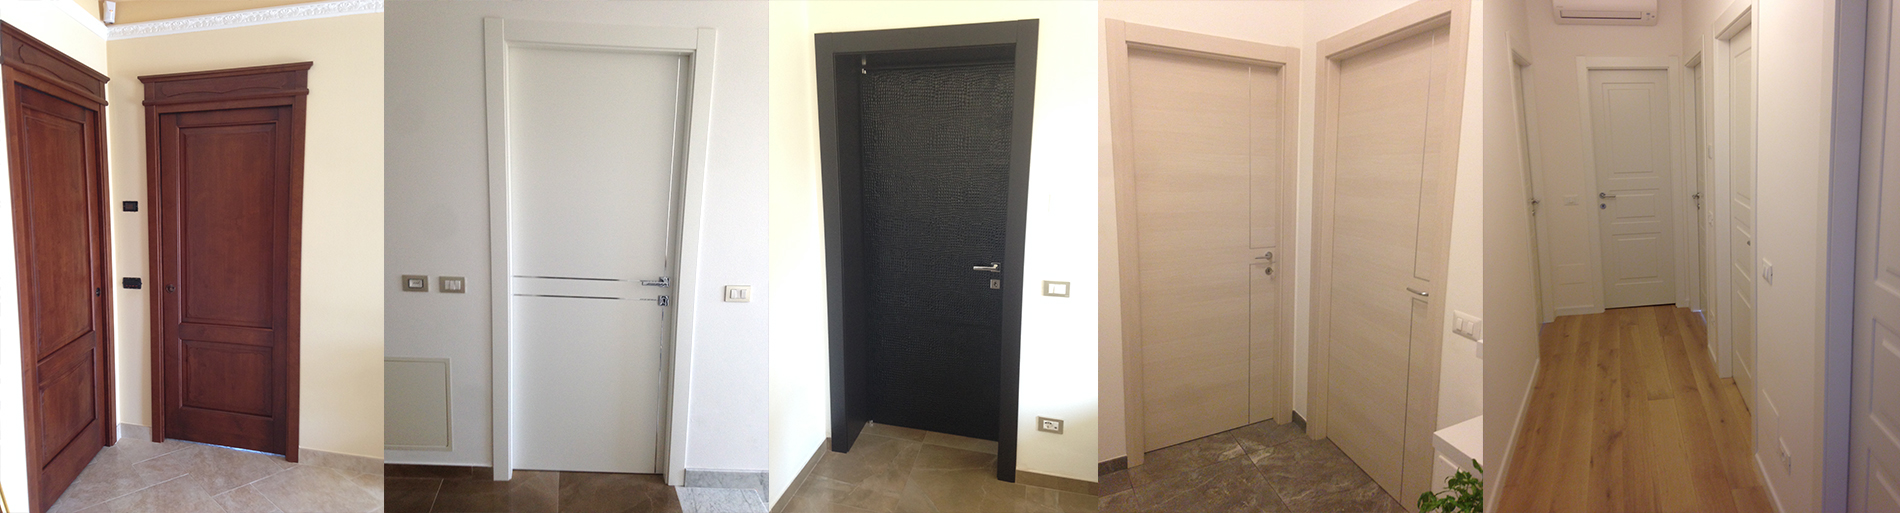 Porte da interno tecno serramenti - Porte da interno economiche ...